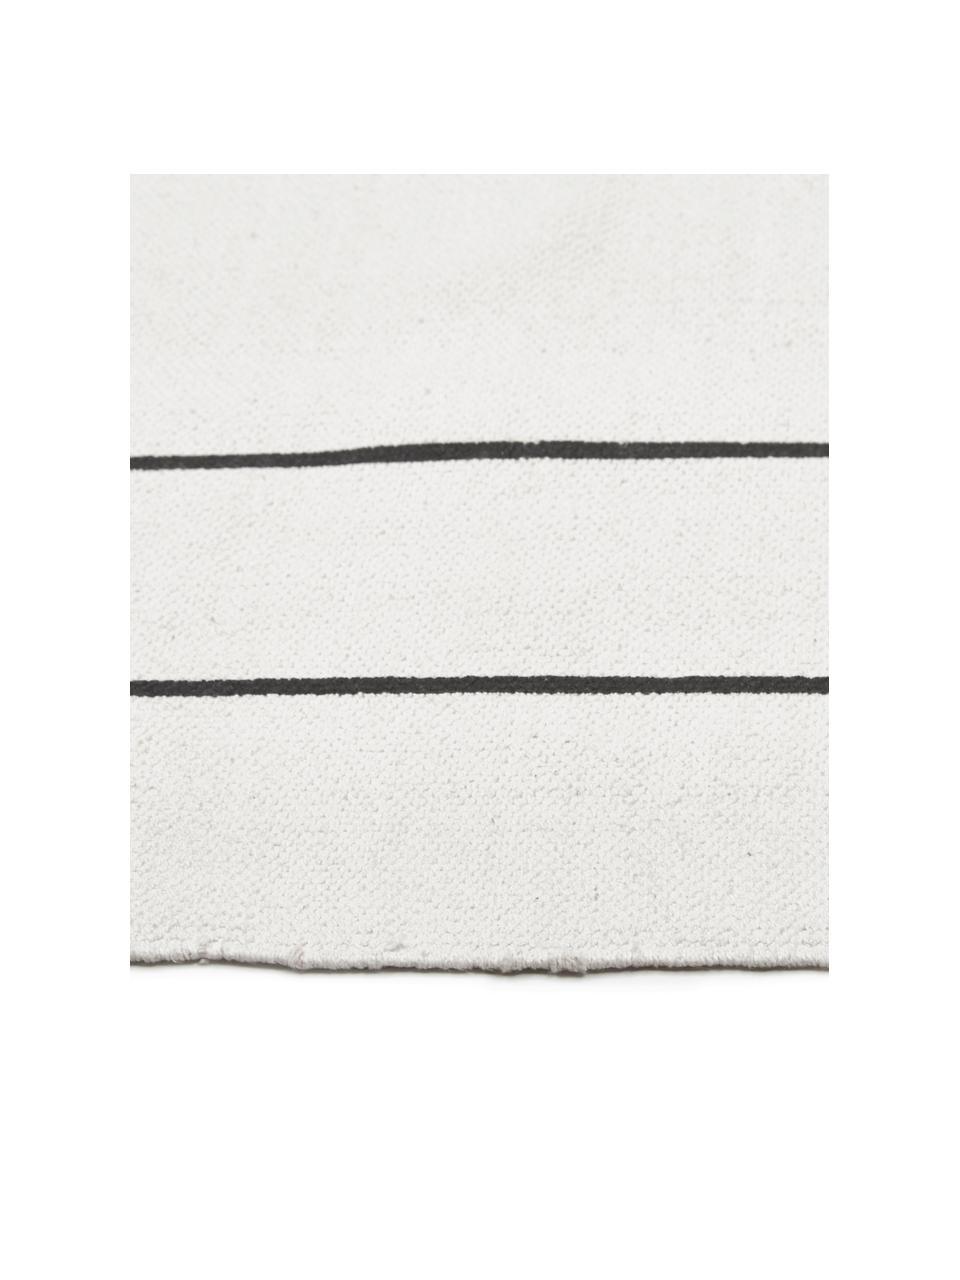 Ręcznie wykonany dywan z bawełny tkany na płasko David, 100% bawełna, Kremowobiały, czarny, D 200 x S 300 cm (Rozmiar L)